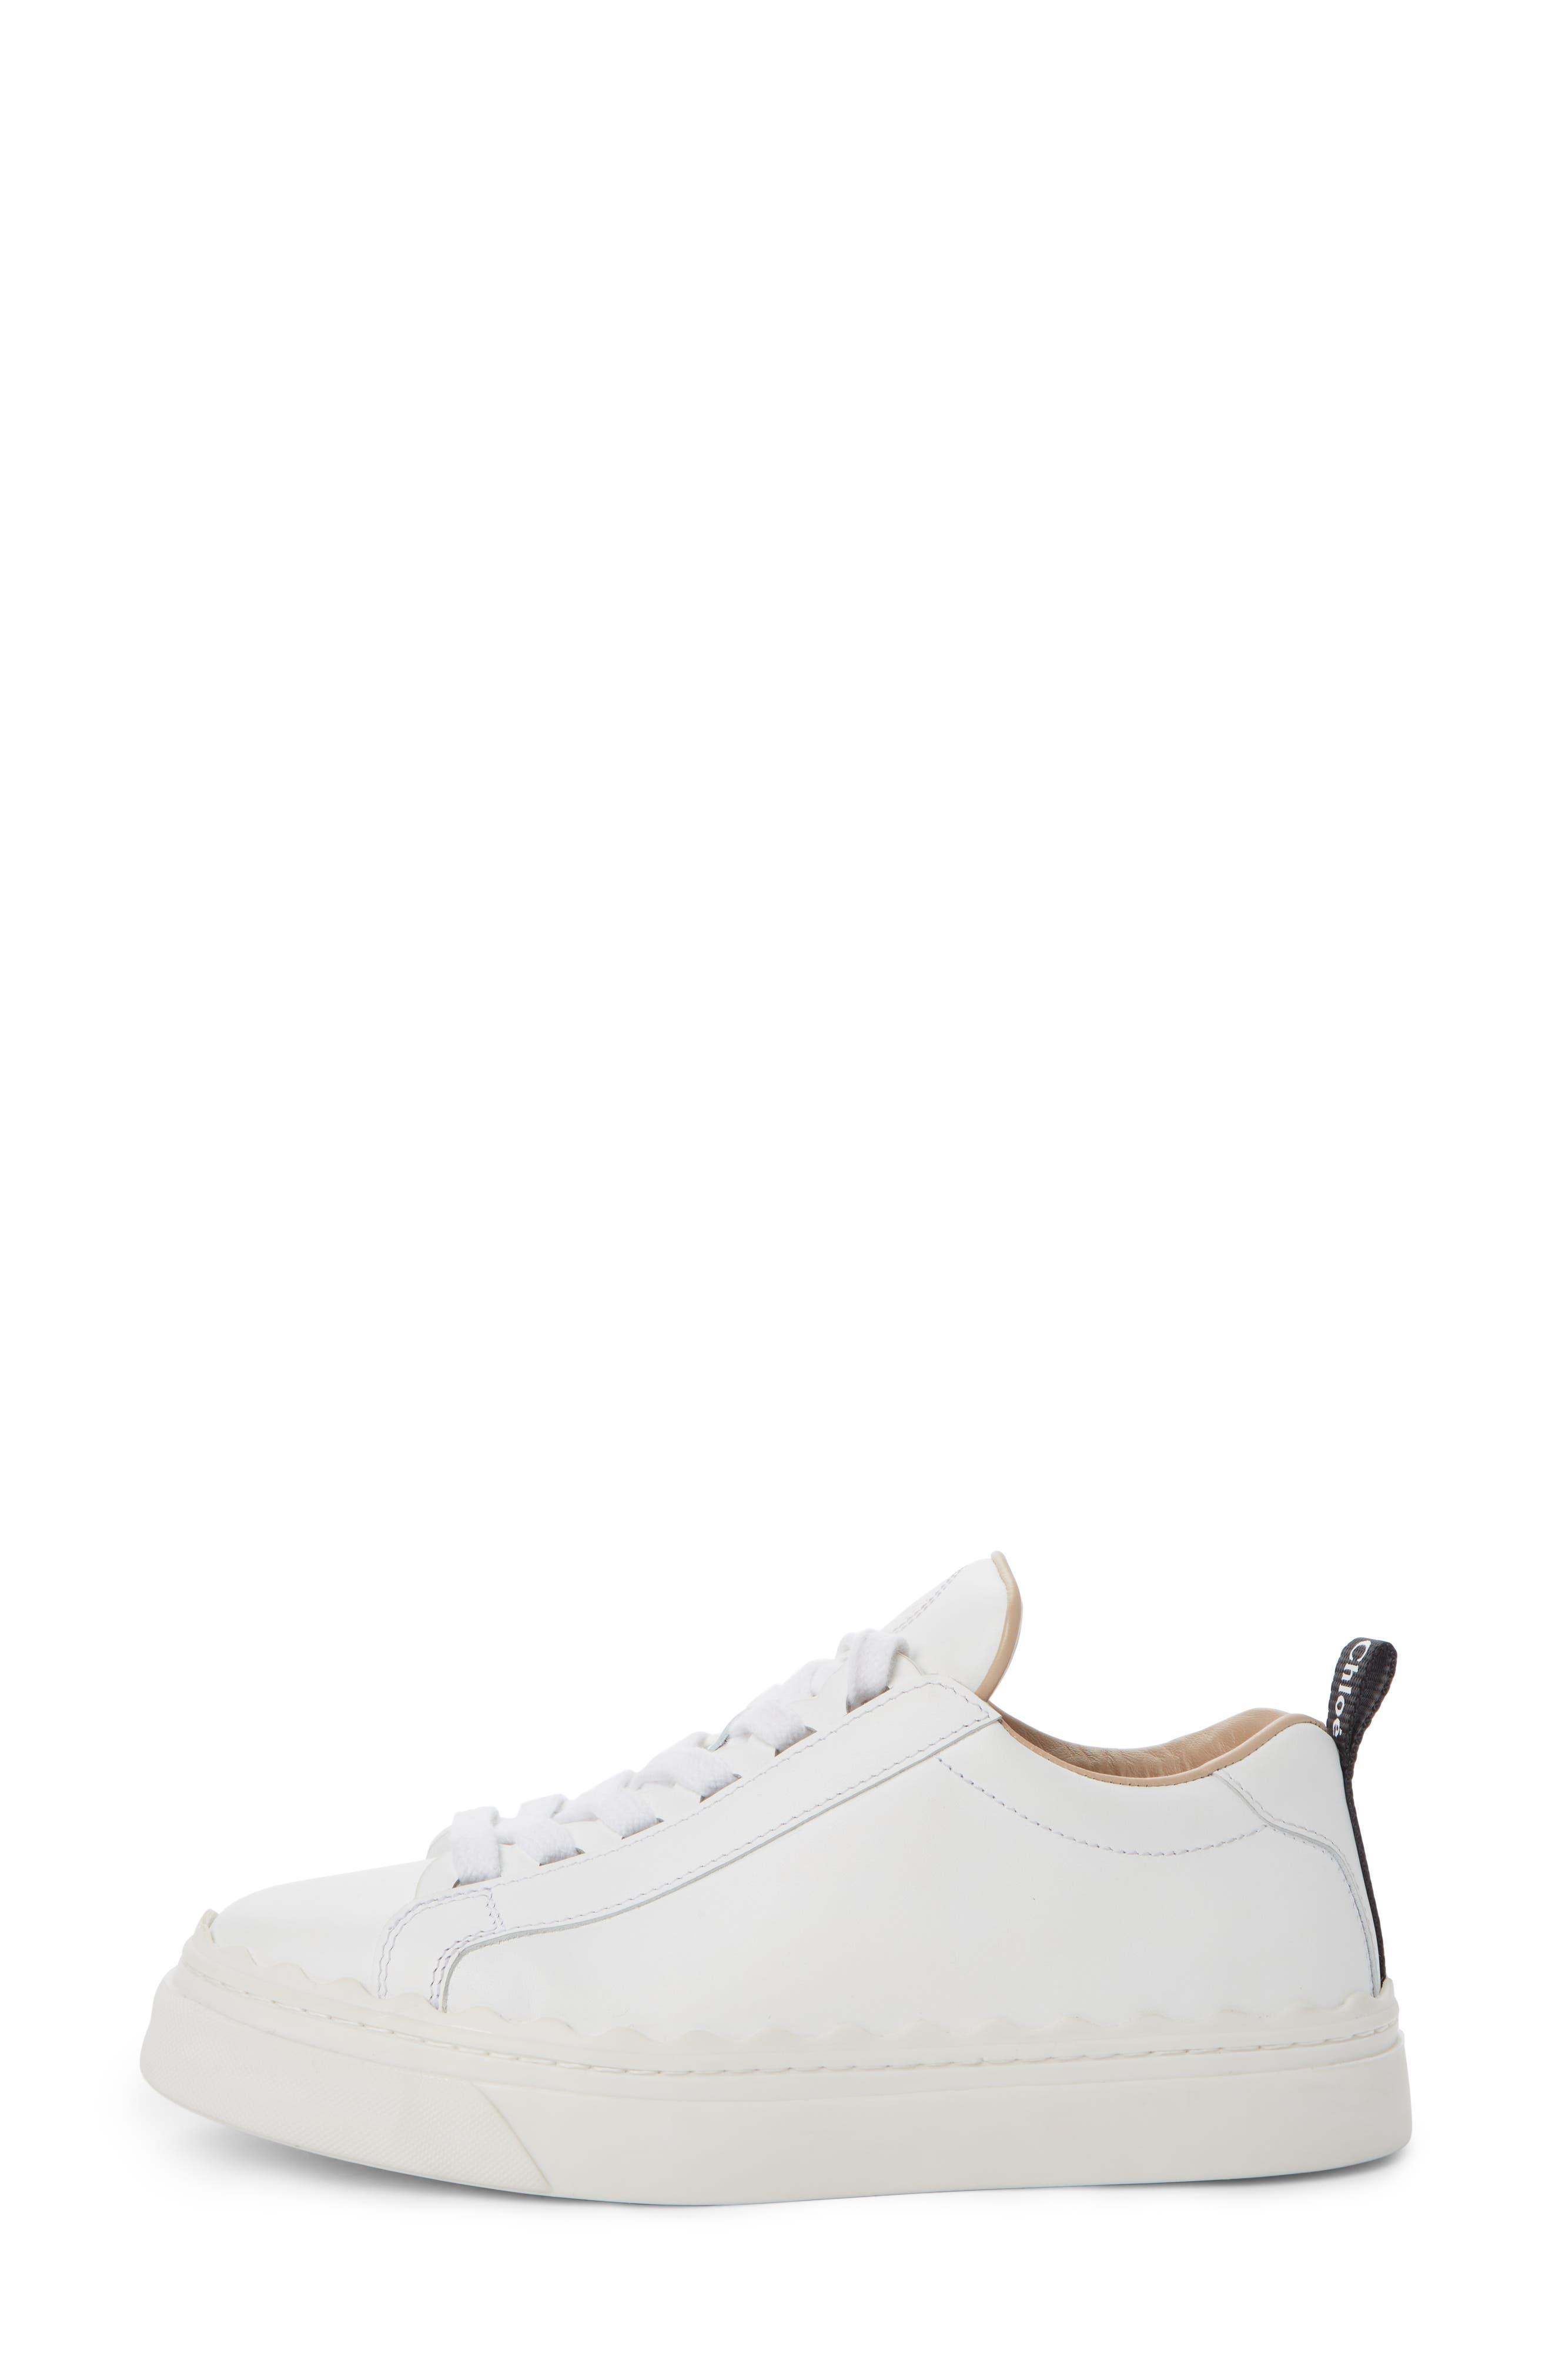 Lauren Sneaker,                             Alternate thumbnail 3, color,                             WHITE LEATHER